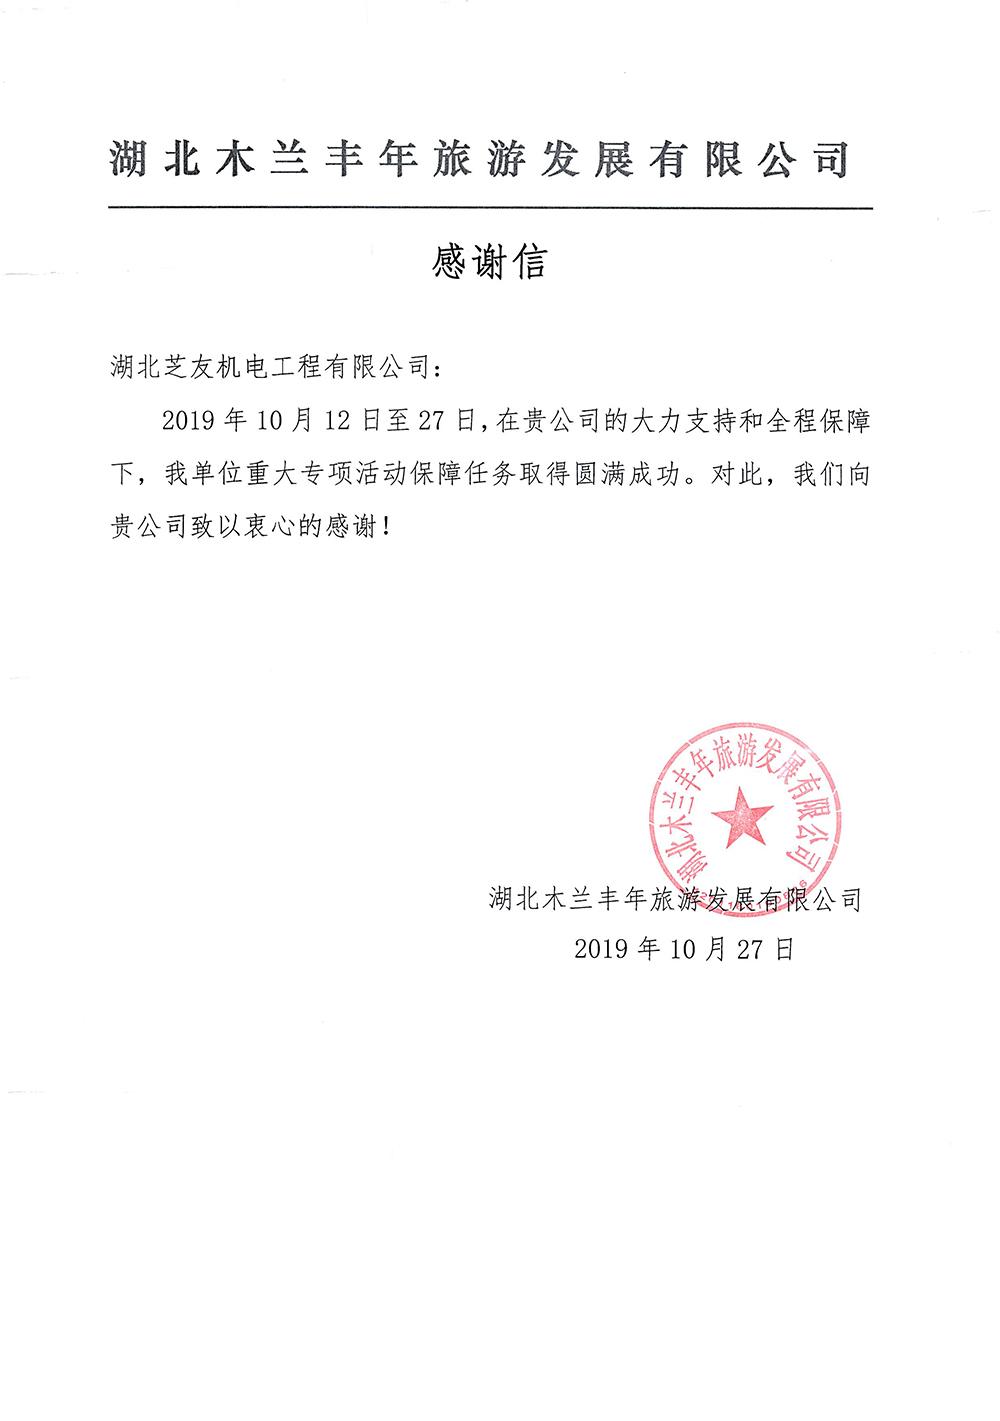 愛家國際華城皇家公館(萬科物業)表揚信